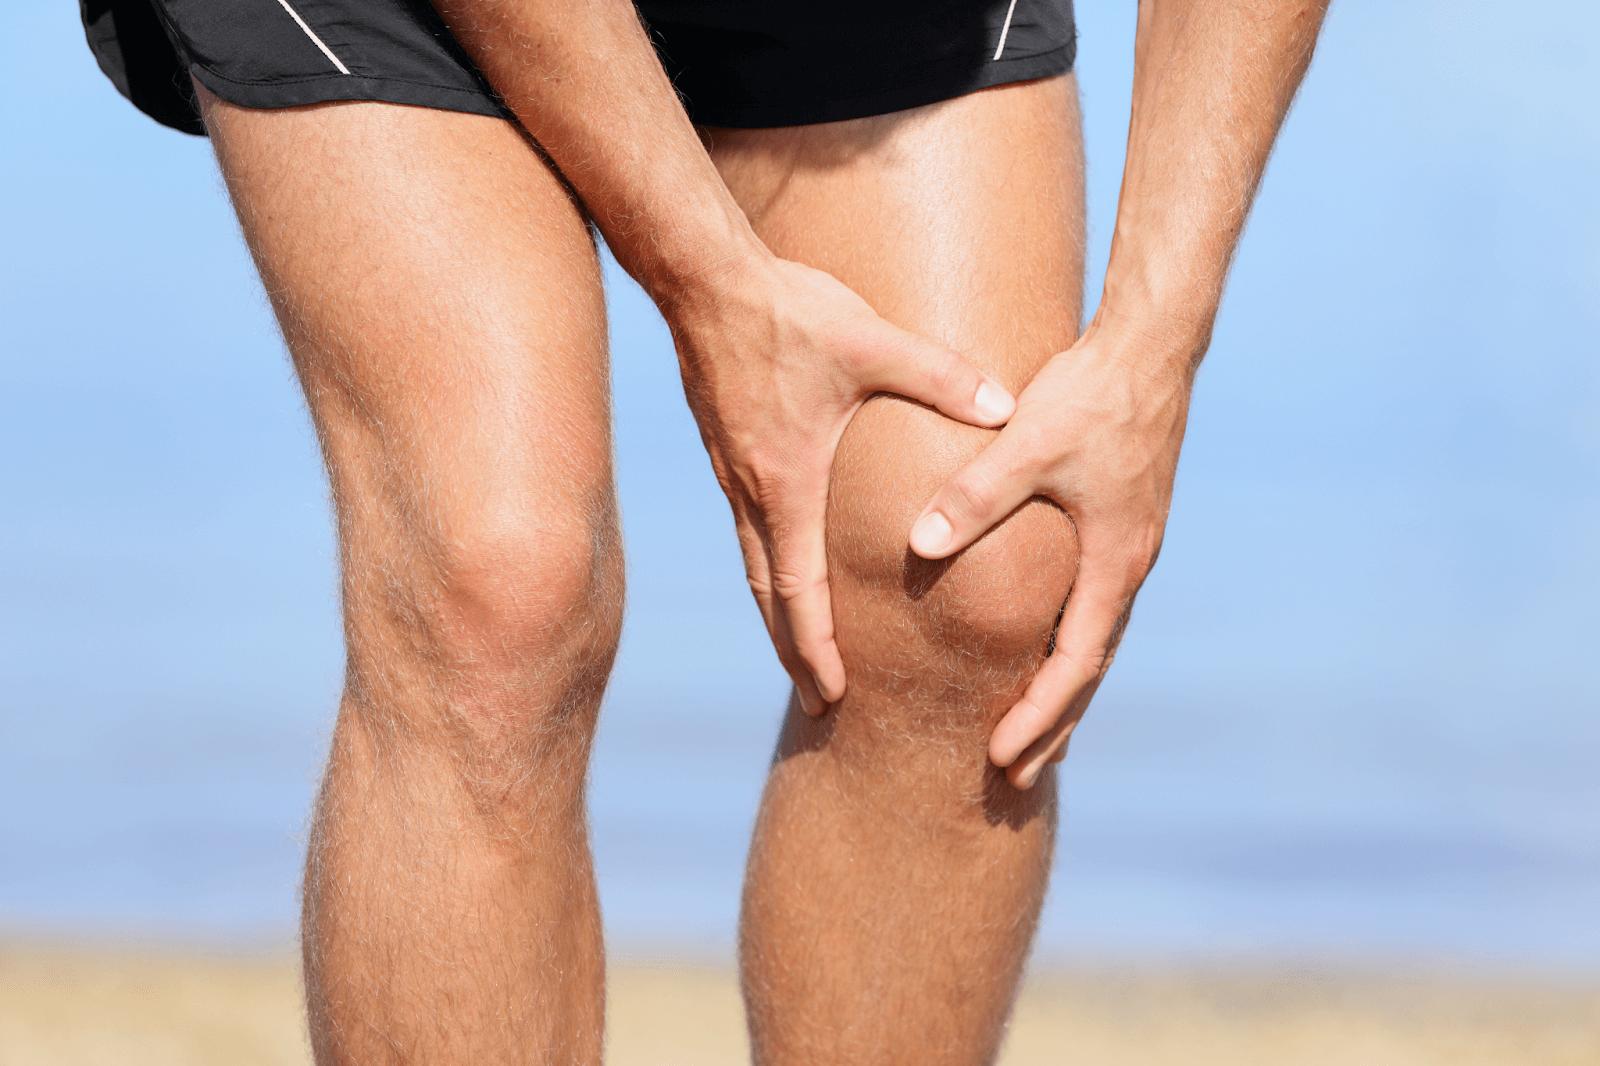 Quanto tempo demora a recuperação de luxação patelar?